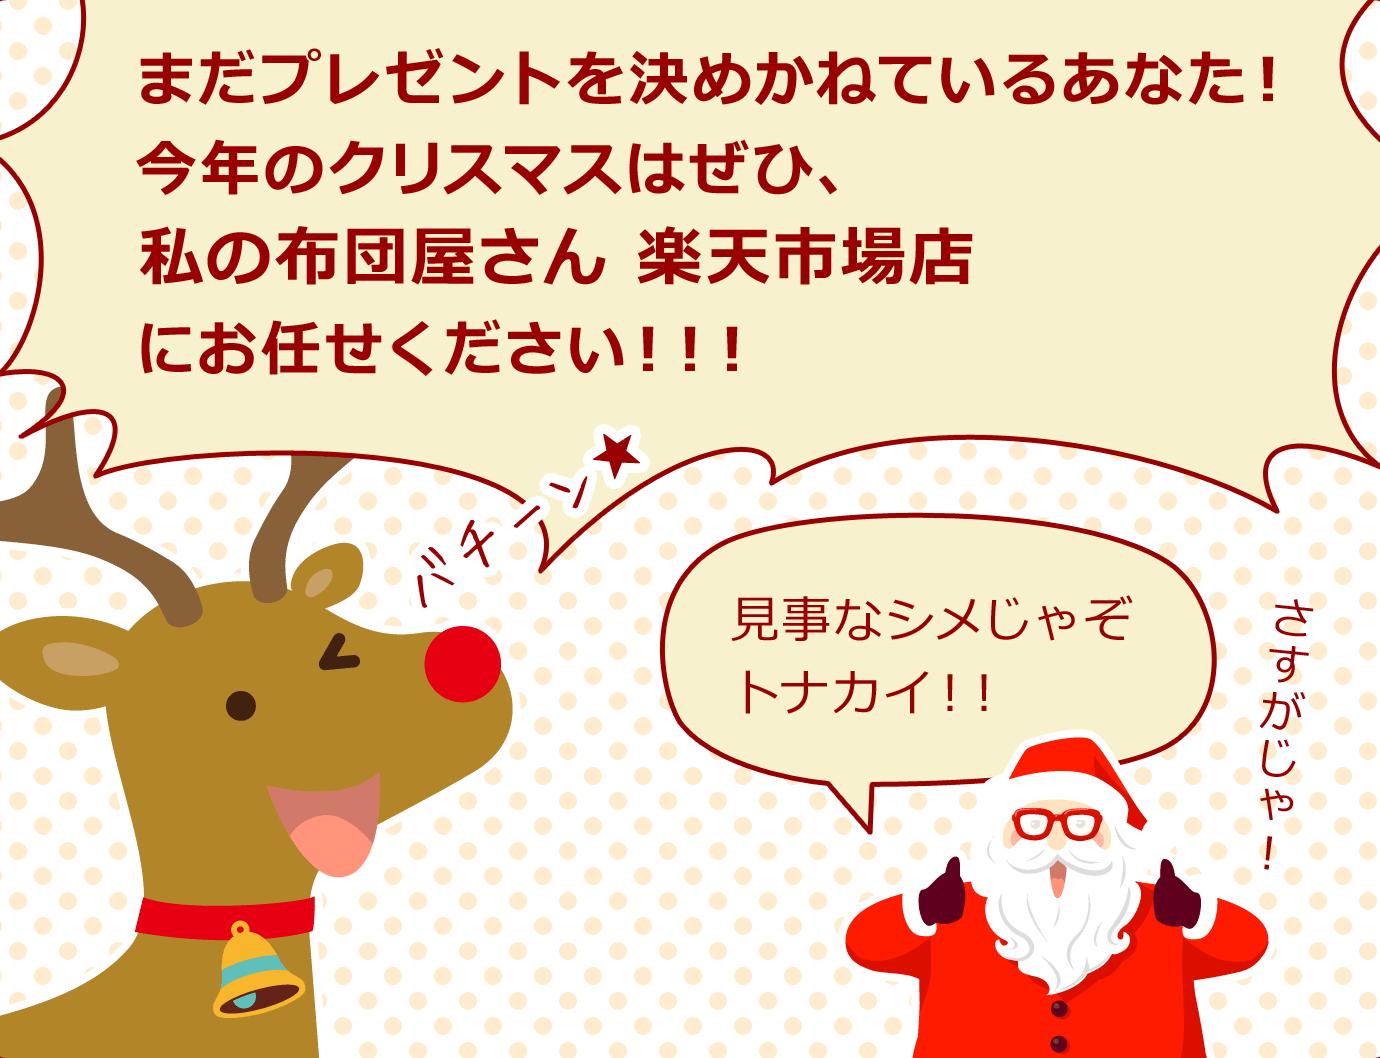 トナカイ「まだプレゼントを決めかねているあなた!今年のクリスマスはぜひ、私の布団屋さん 楽天市場店にお任せください!!!」サンタクロース「見事なシメじゃぞトナカイ!!さすがじゃ!」